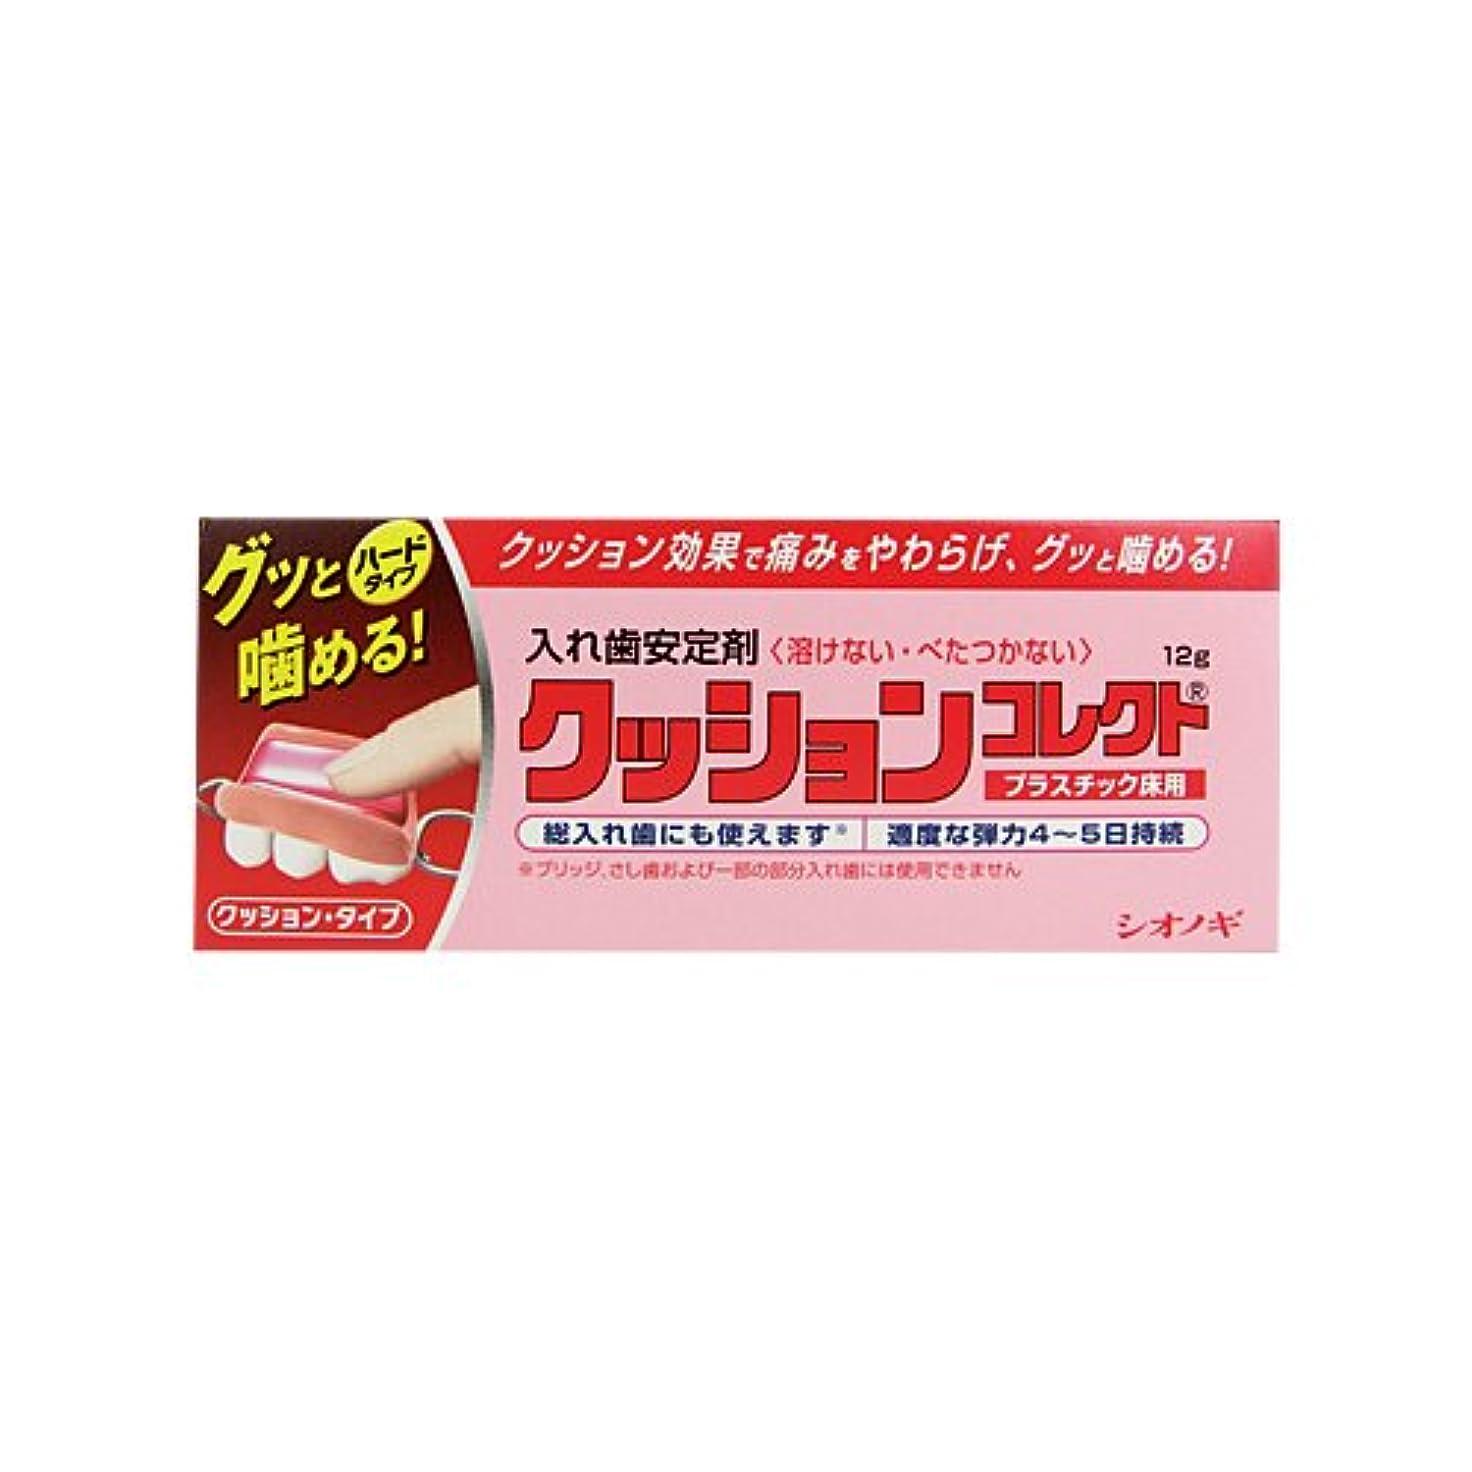 必要性ダルセットループシオノギ製薬 クッションコレクト クッションタイプ 12g